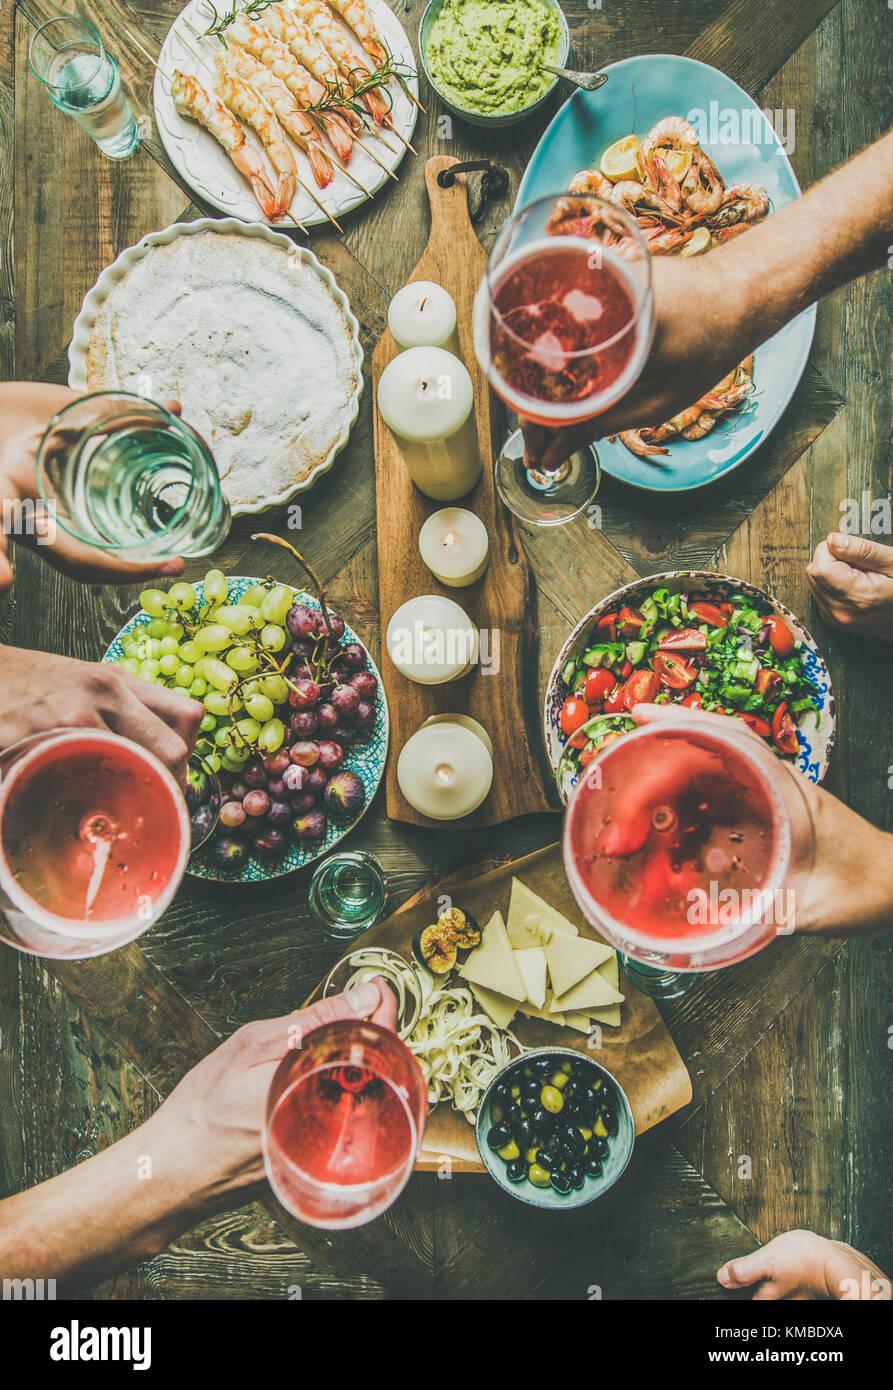 Celebración navideña mesa con aperitivos, vista superior Imagen De Stock